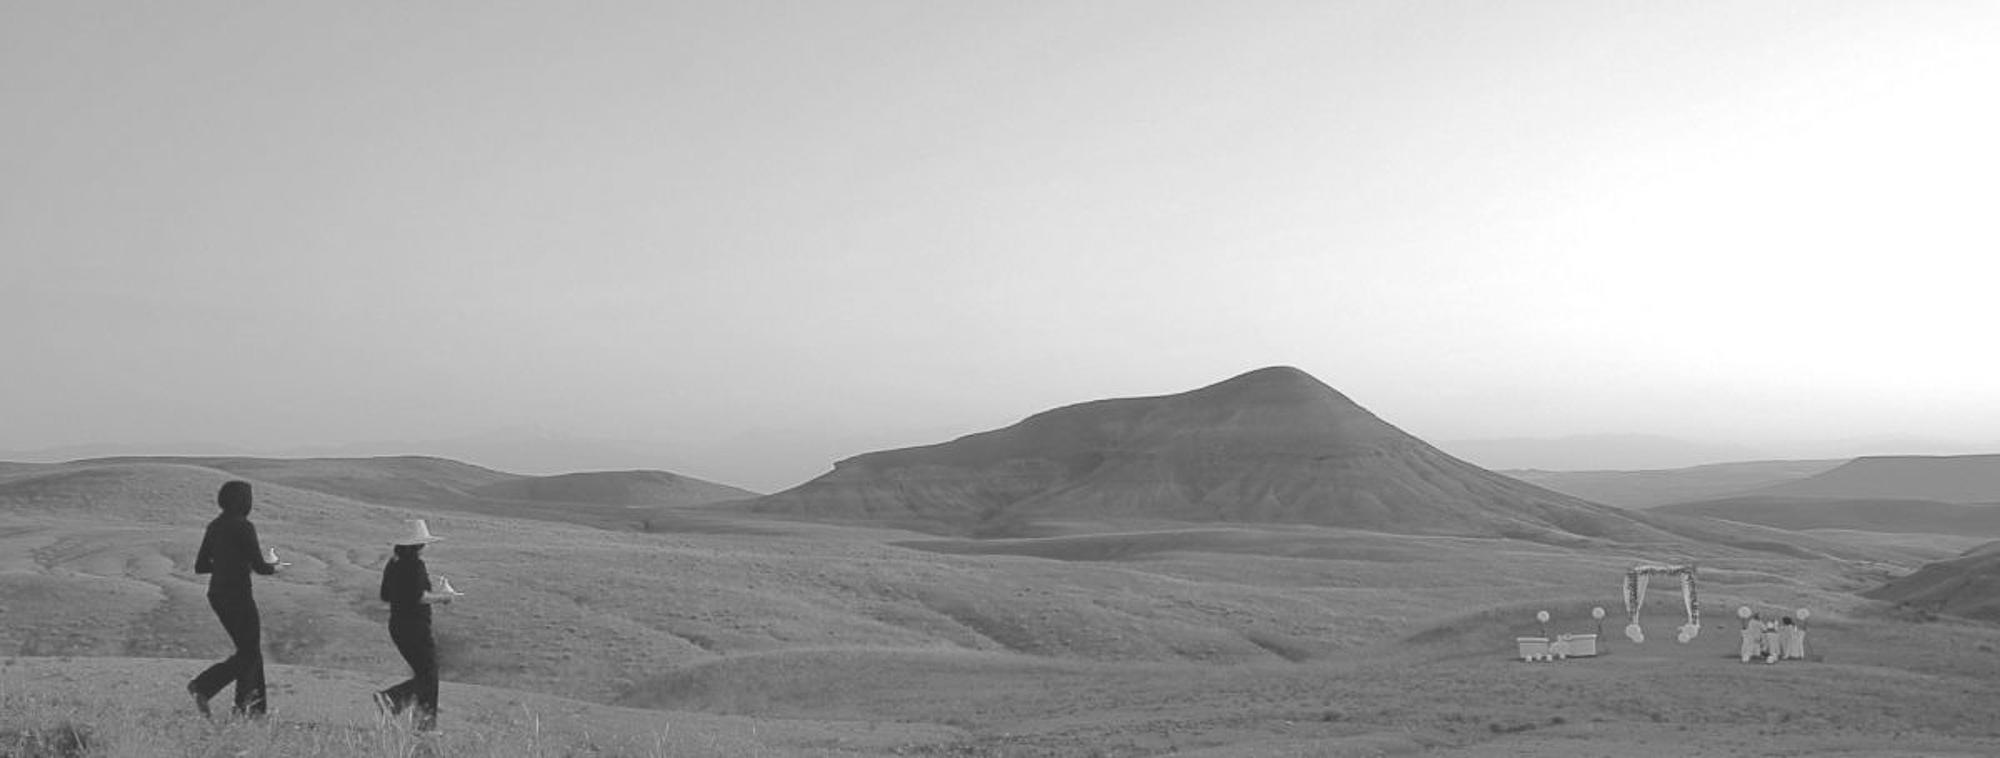 désert marrakech agafay maroc